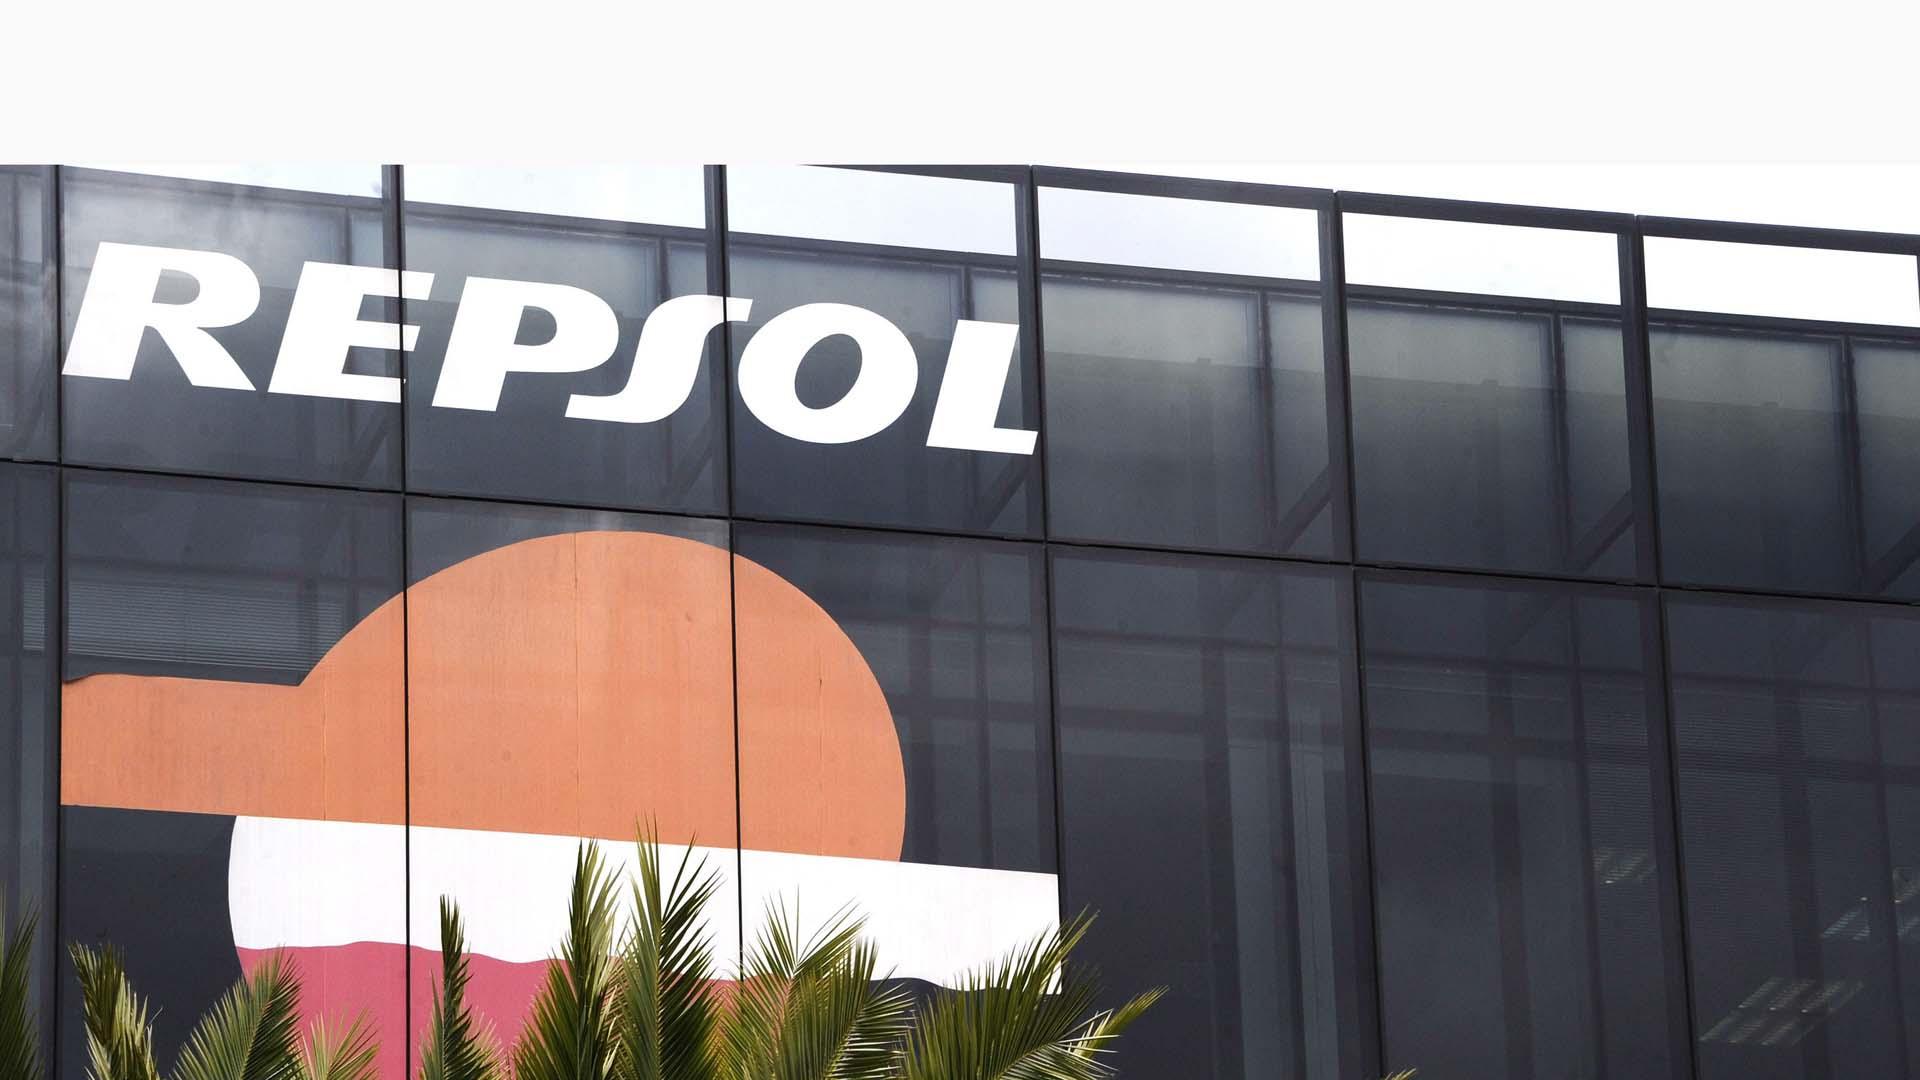 La compañía petrolera española explotará uno de los mayores campos gasíferos del país latinoamericano